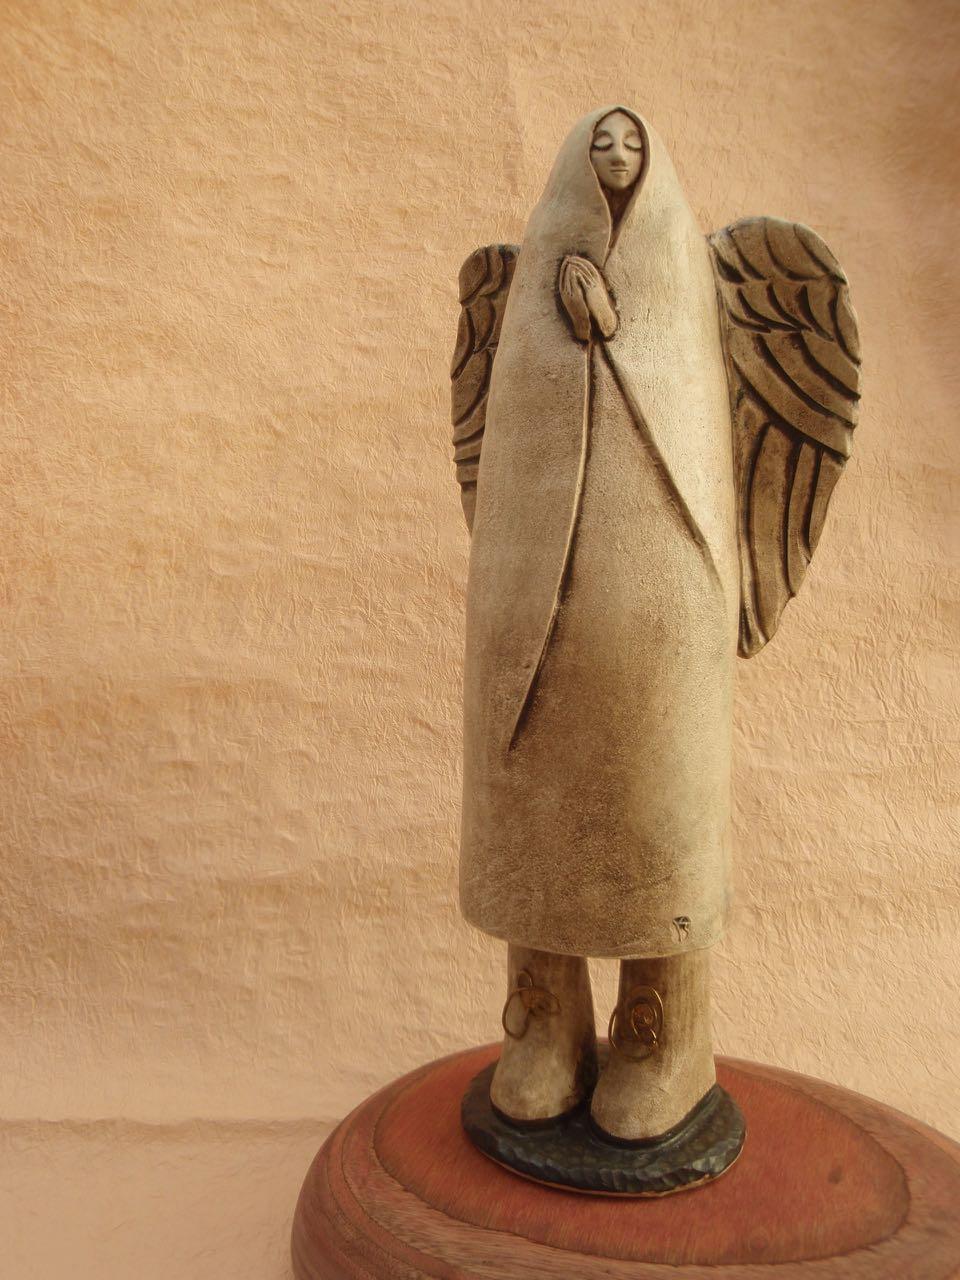 令和元年・天使のモチーフは、きっと私のライフワーク